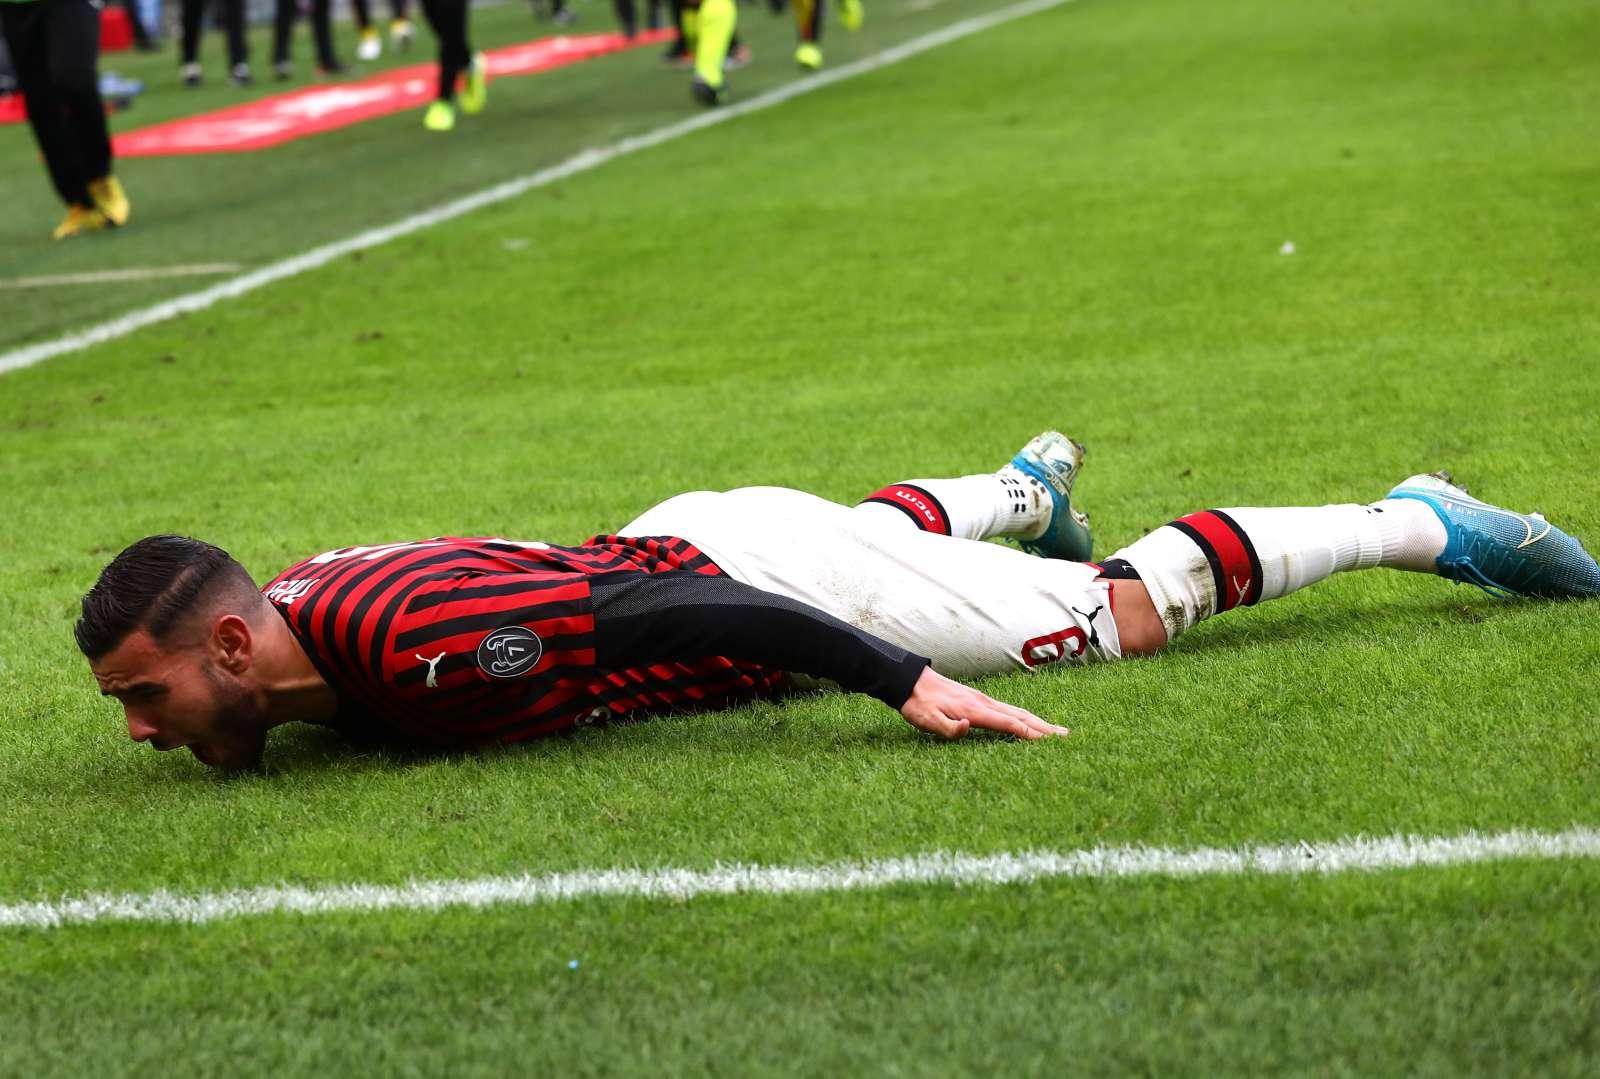 L'esultanza di Theo Hernandez dopo il gol contro l'Udinese